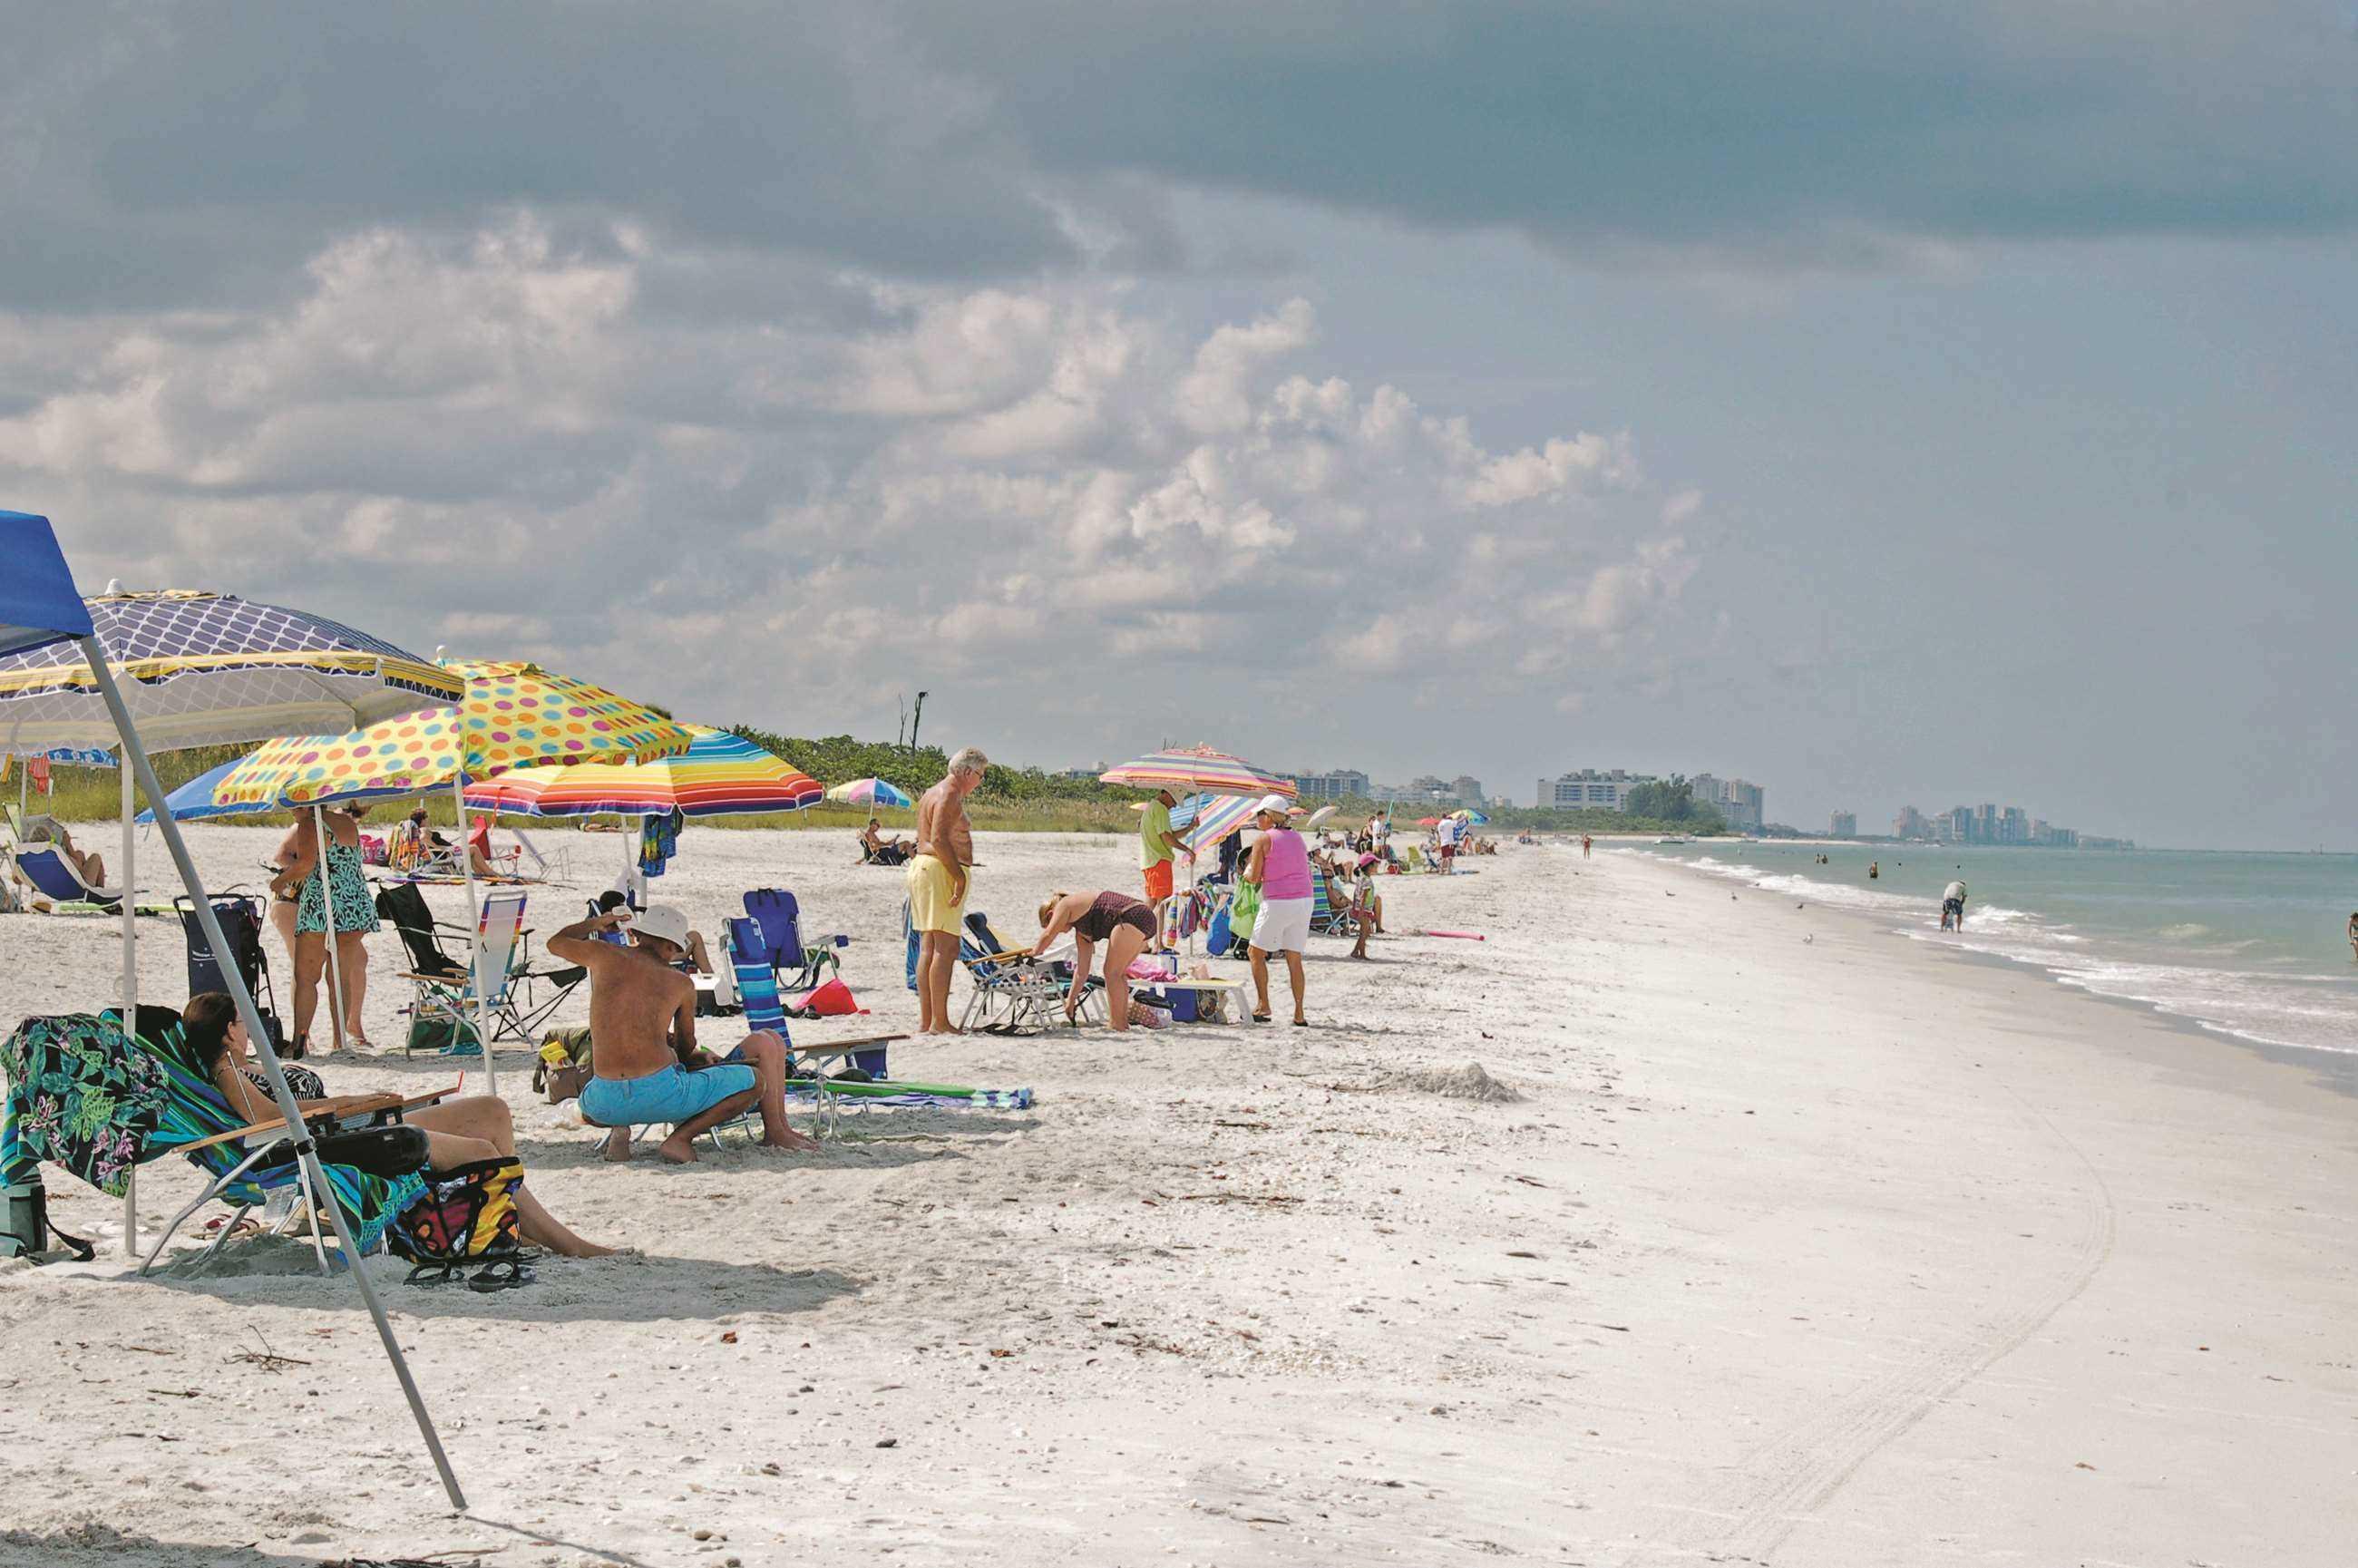 Bareftoot Beach